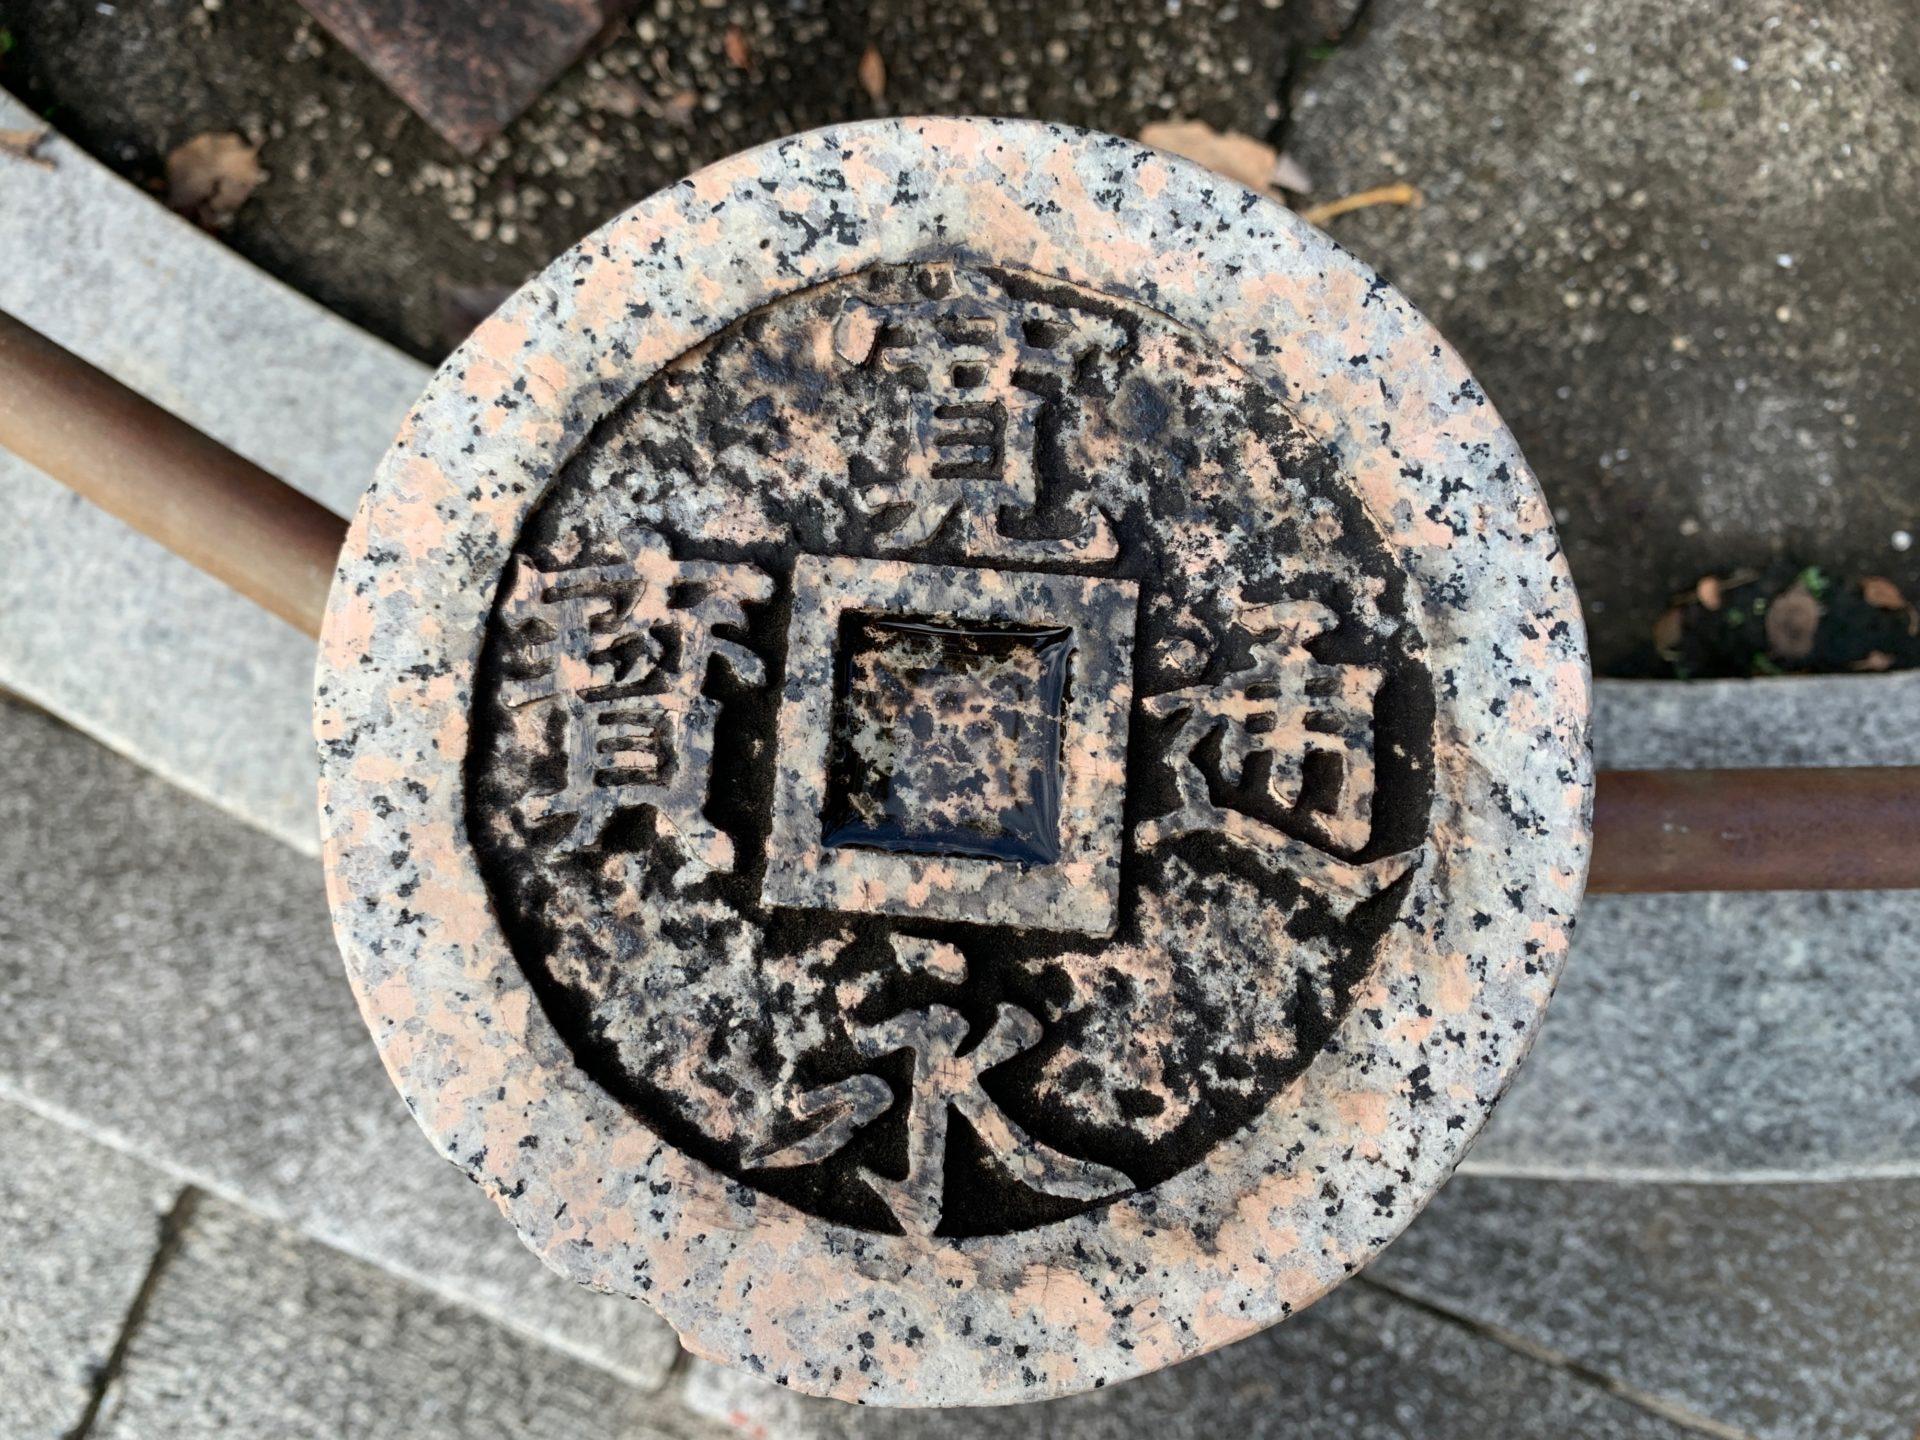 寛永通寶が刻まれている石の柵